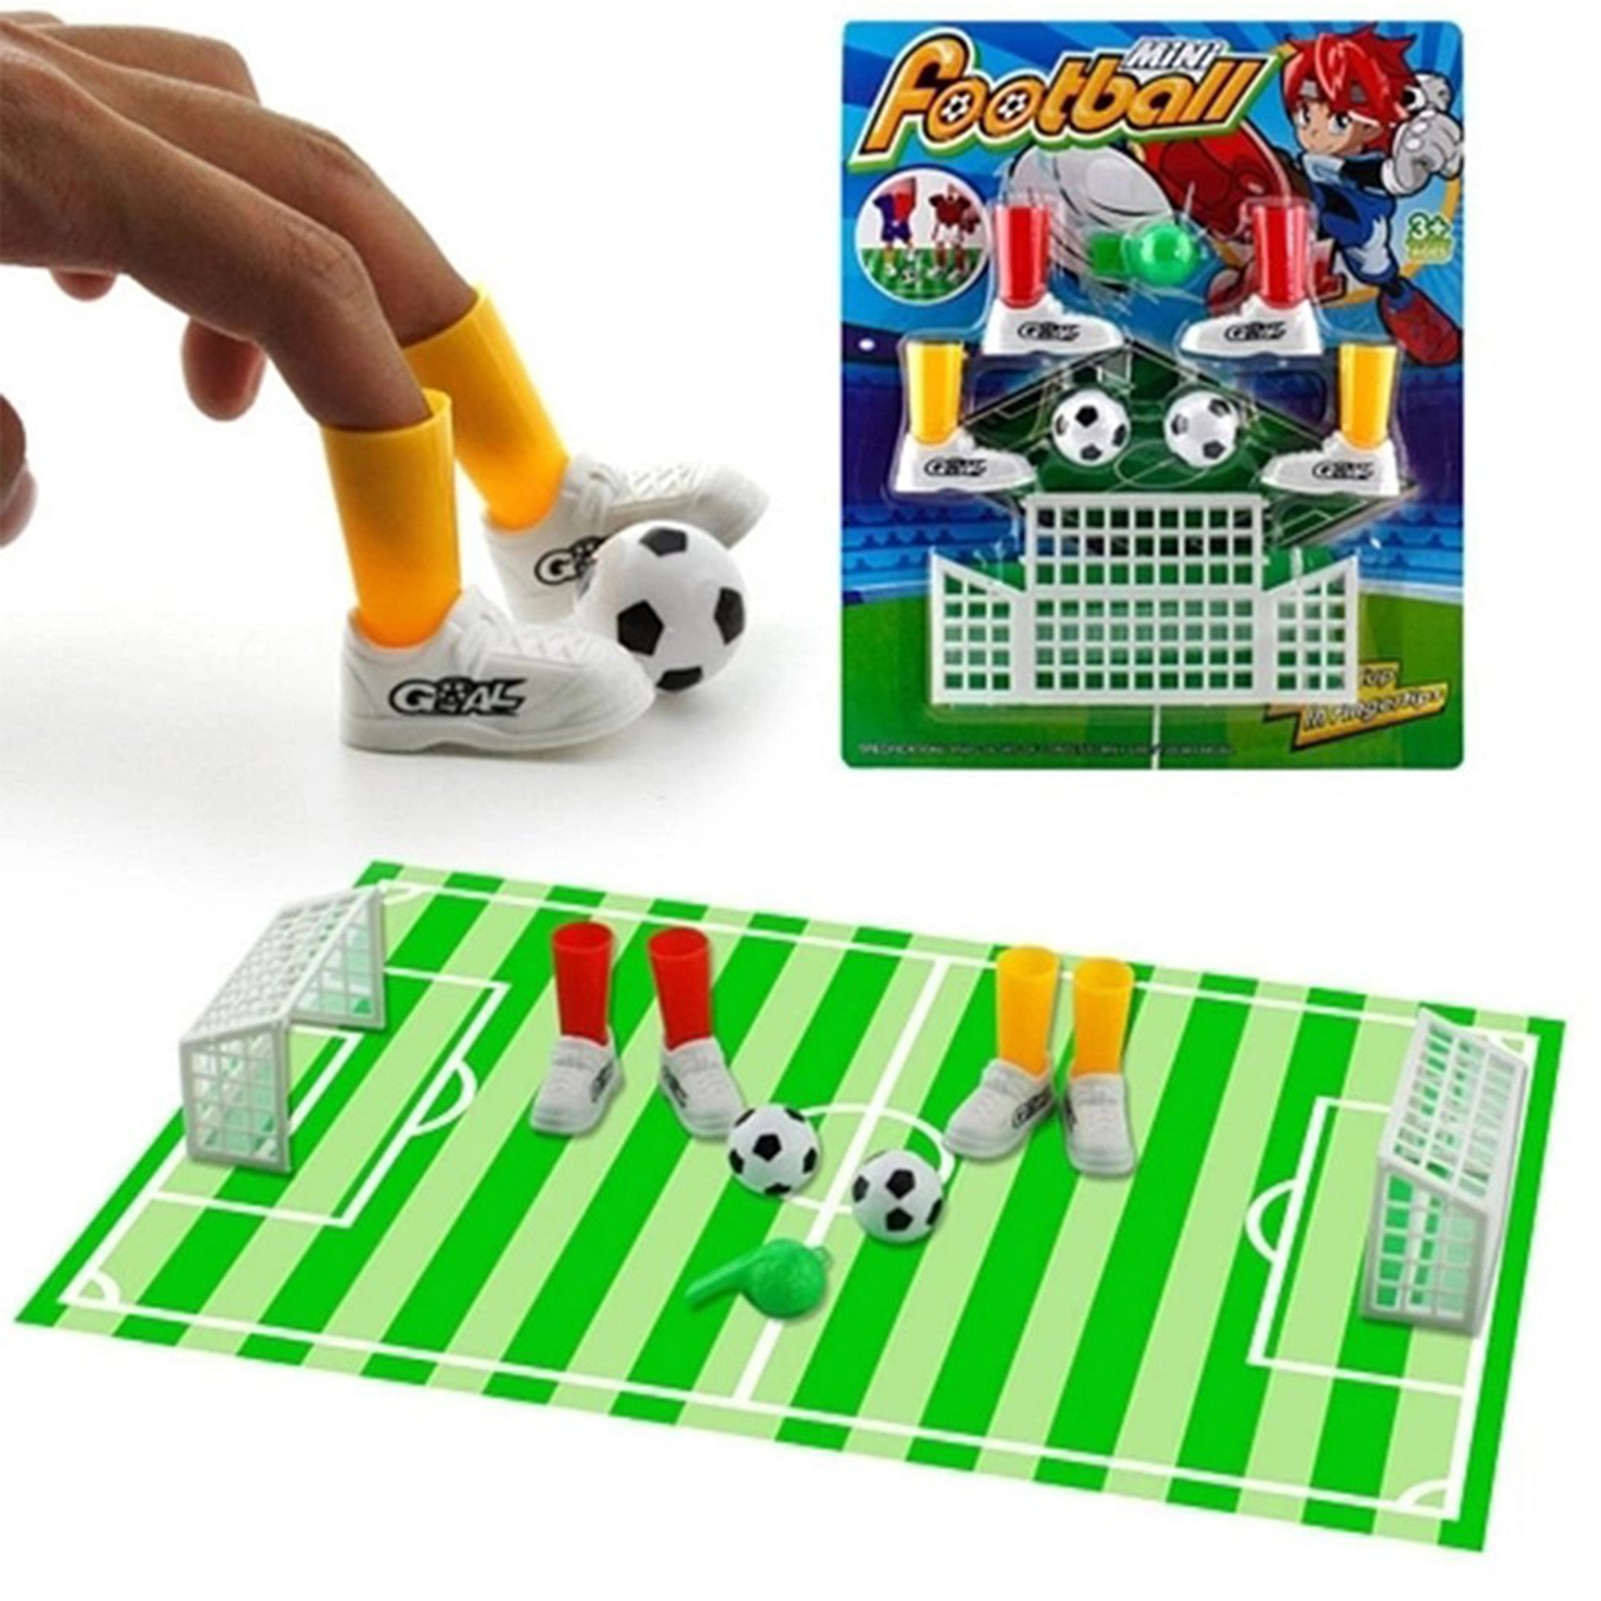 игровые наборы Игра в футбол, игрушка для футбола, Интерактивная настольная спортивная игрушка для футбольных матчей, детские игровые Смешные наборы для п...